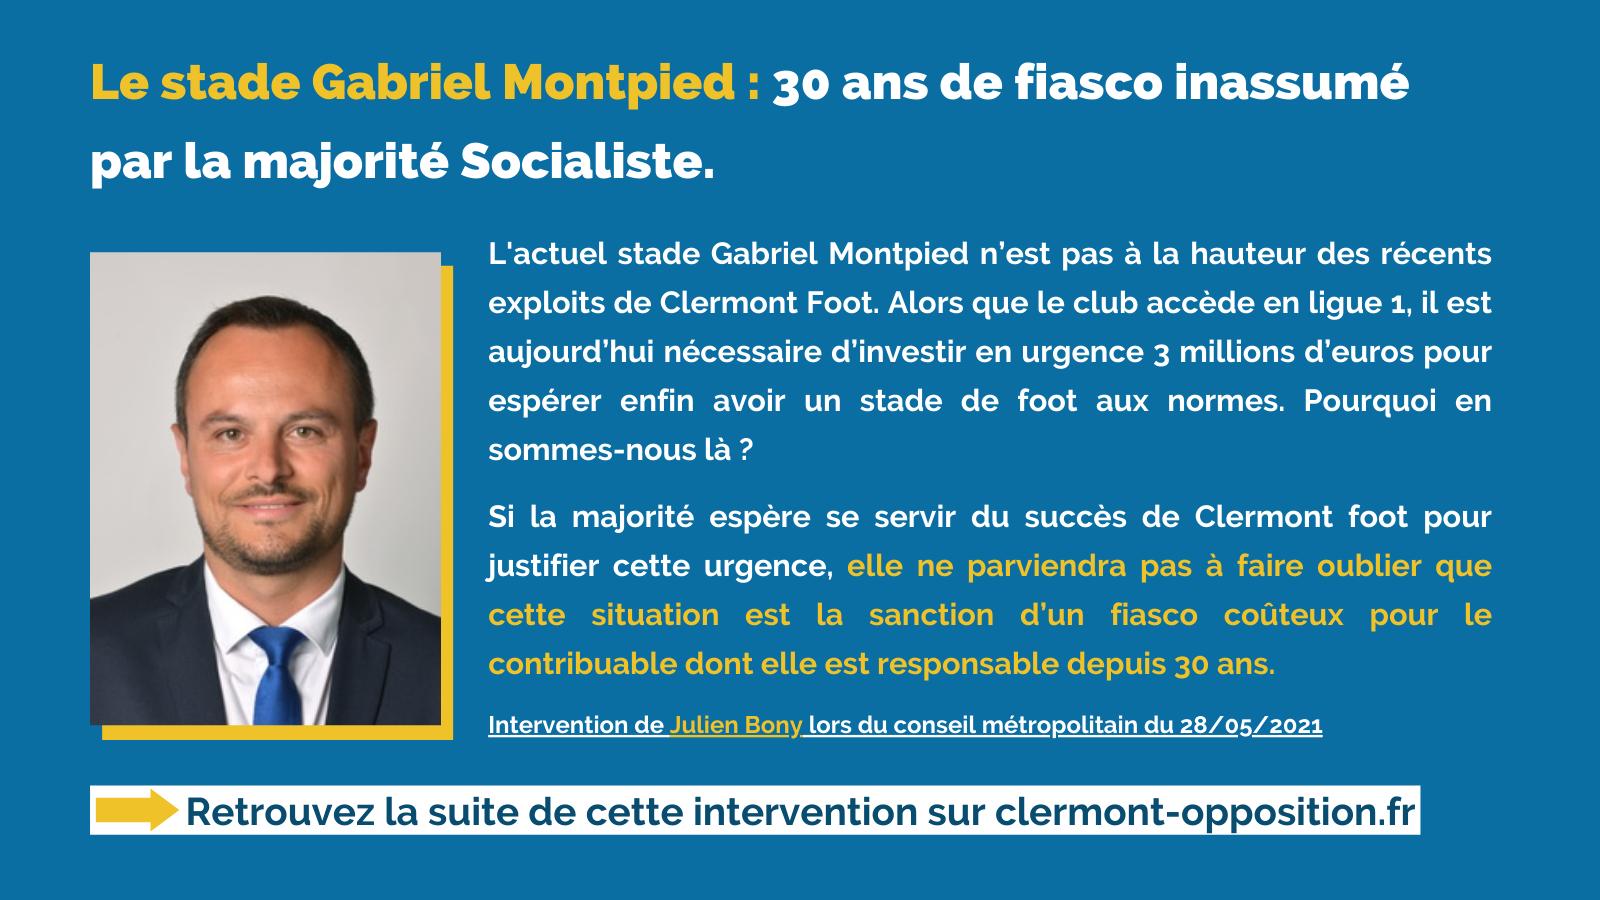 Intervention de Julien Bony au sujet du stade Gabriel Montpied